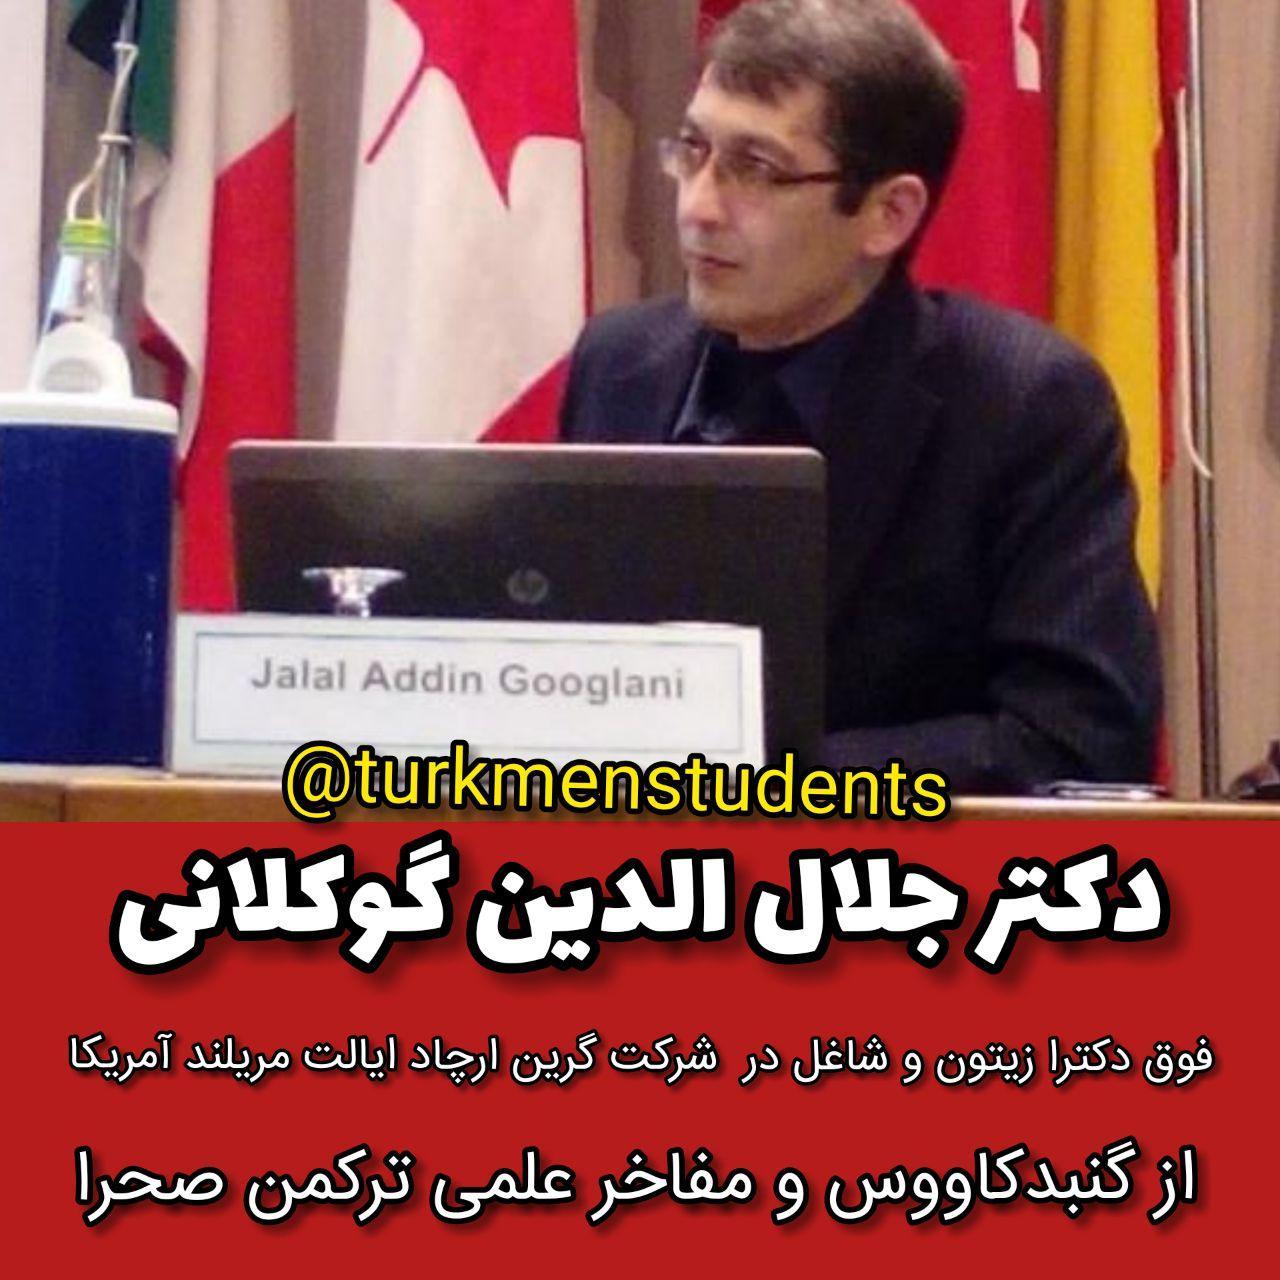 دکتر جلال الدین گوکلانی